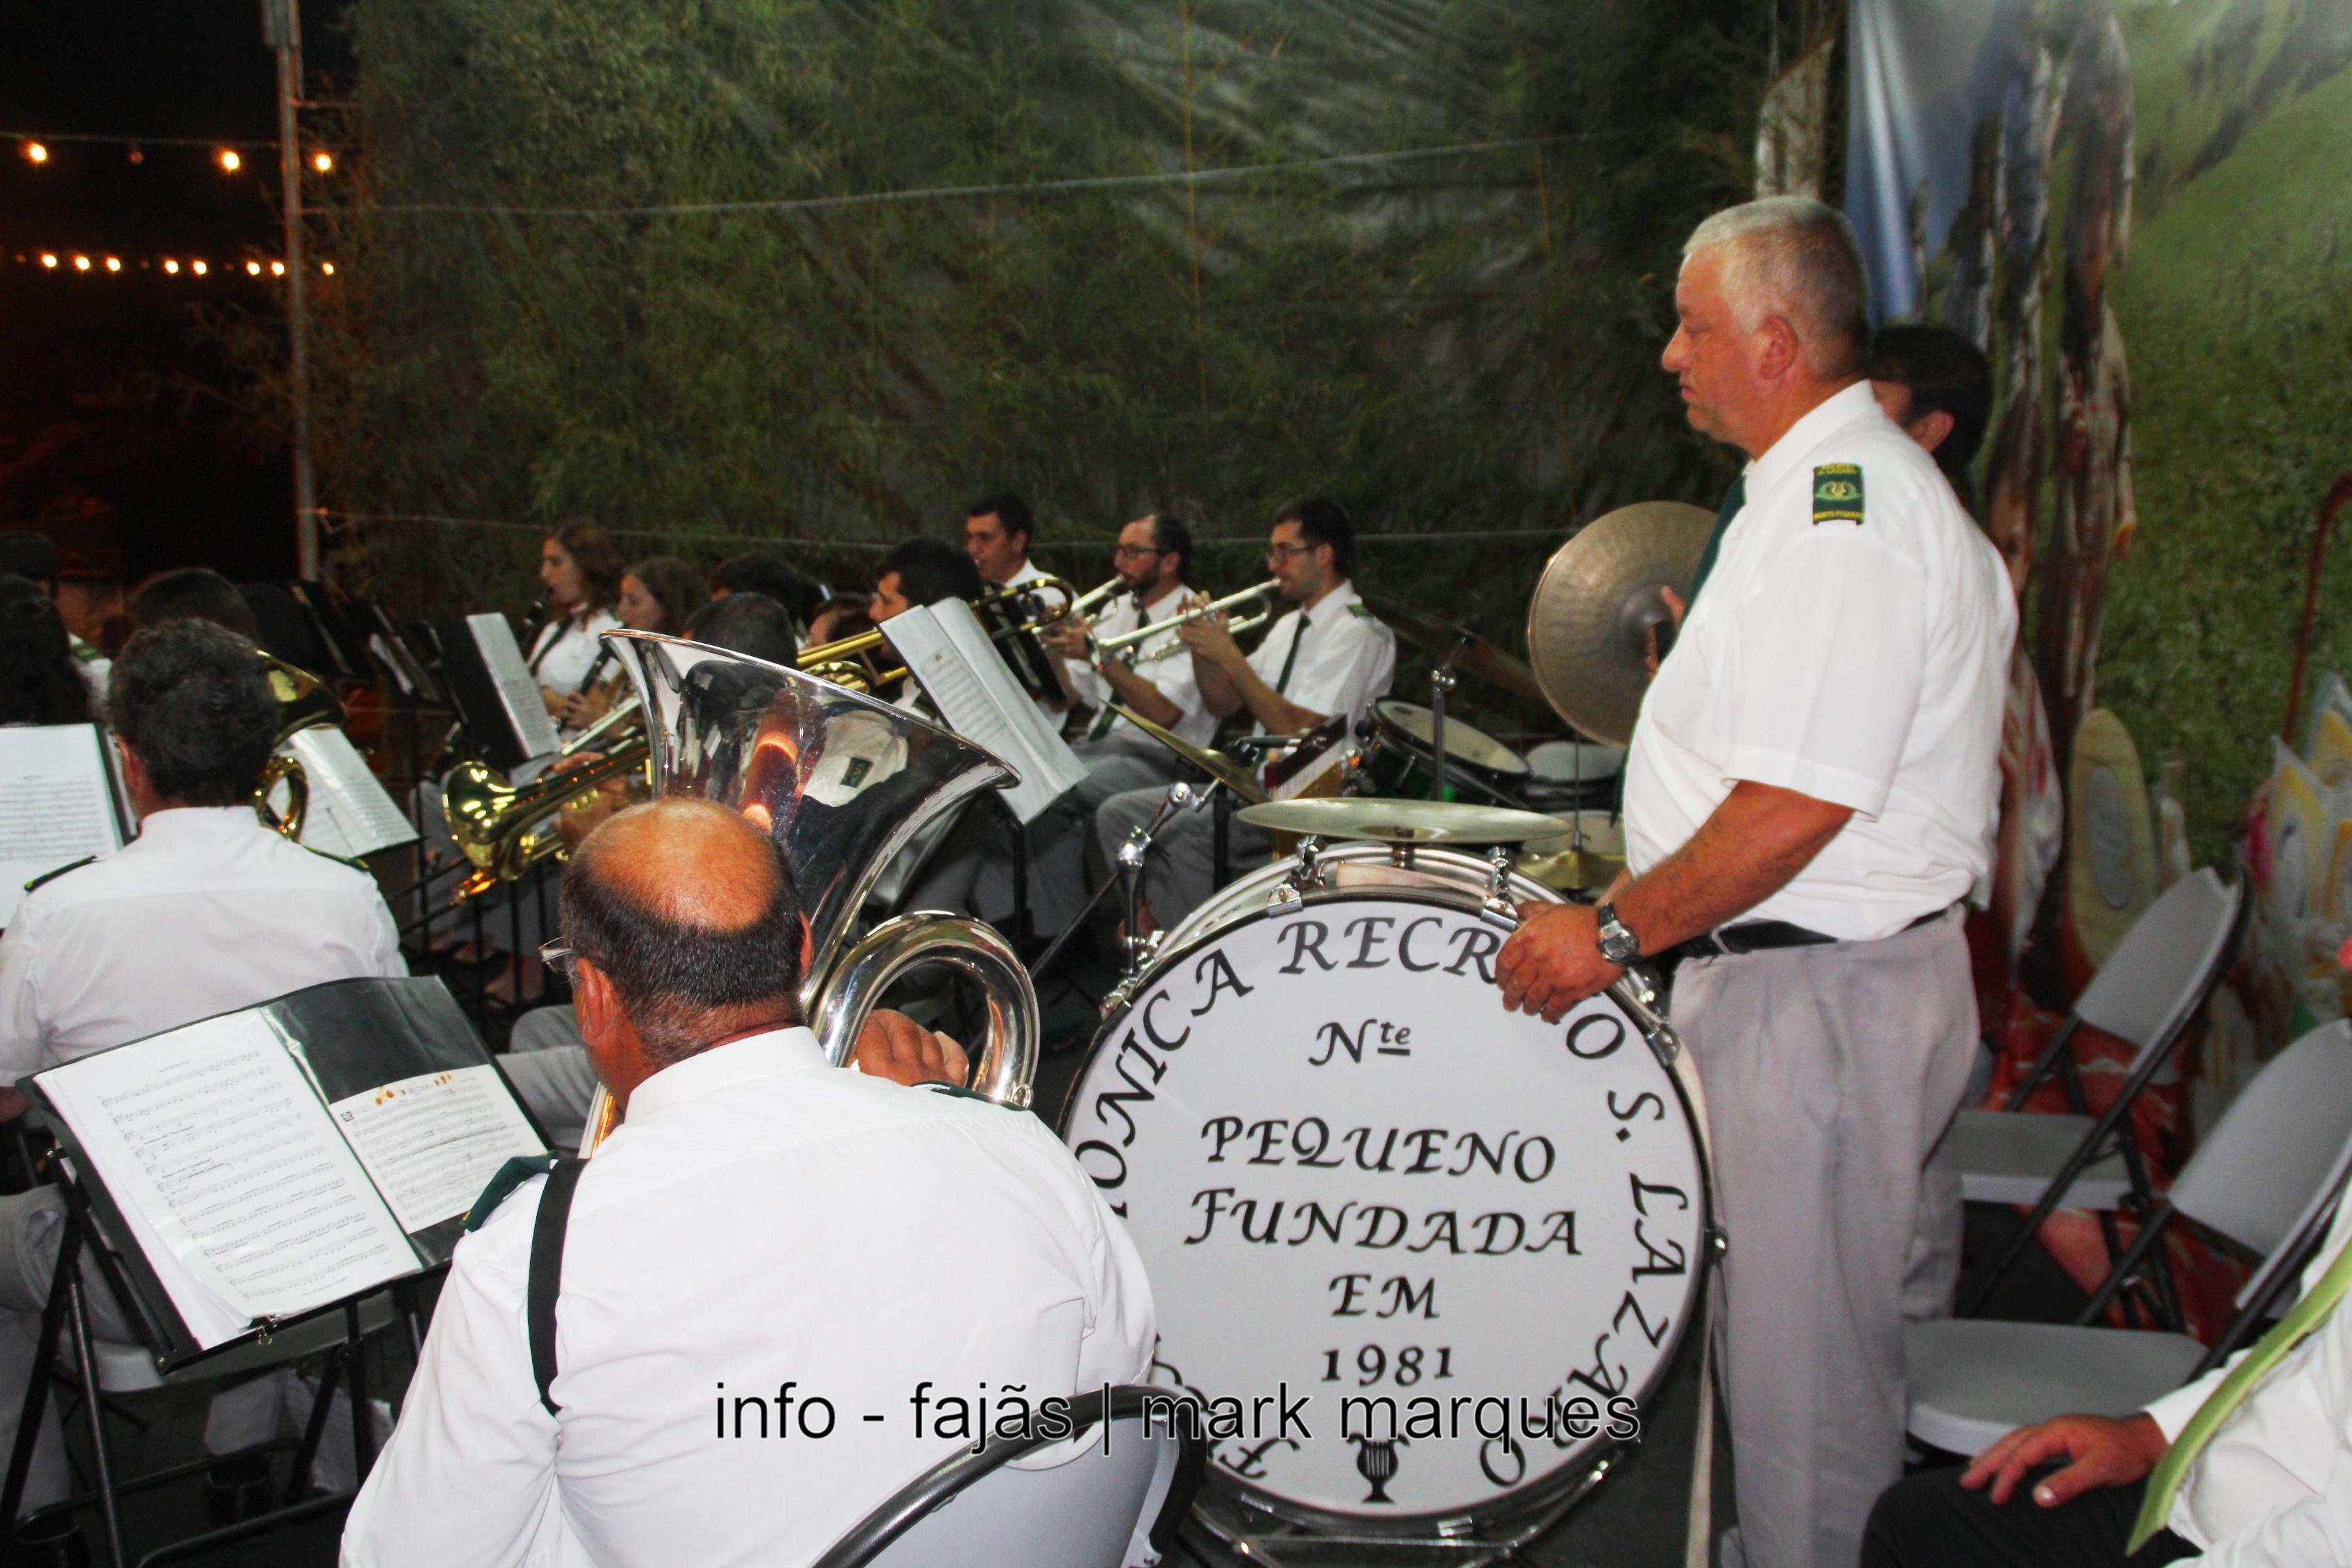 Banda Filarmónica Recreio de São Lázaro (Norte Pequeno) dá concerto no Festival de Julho de 2016 (c/ vídeo)